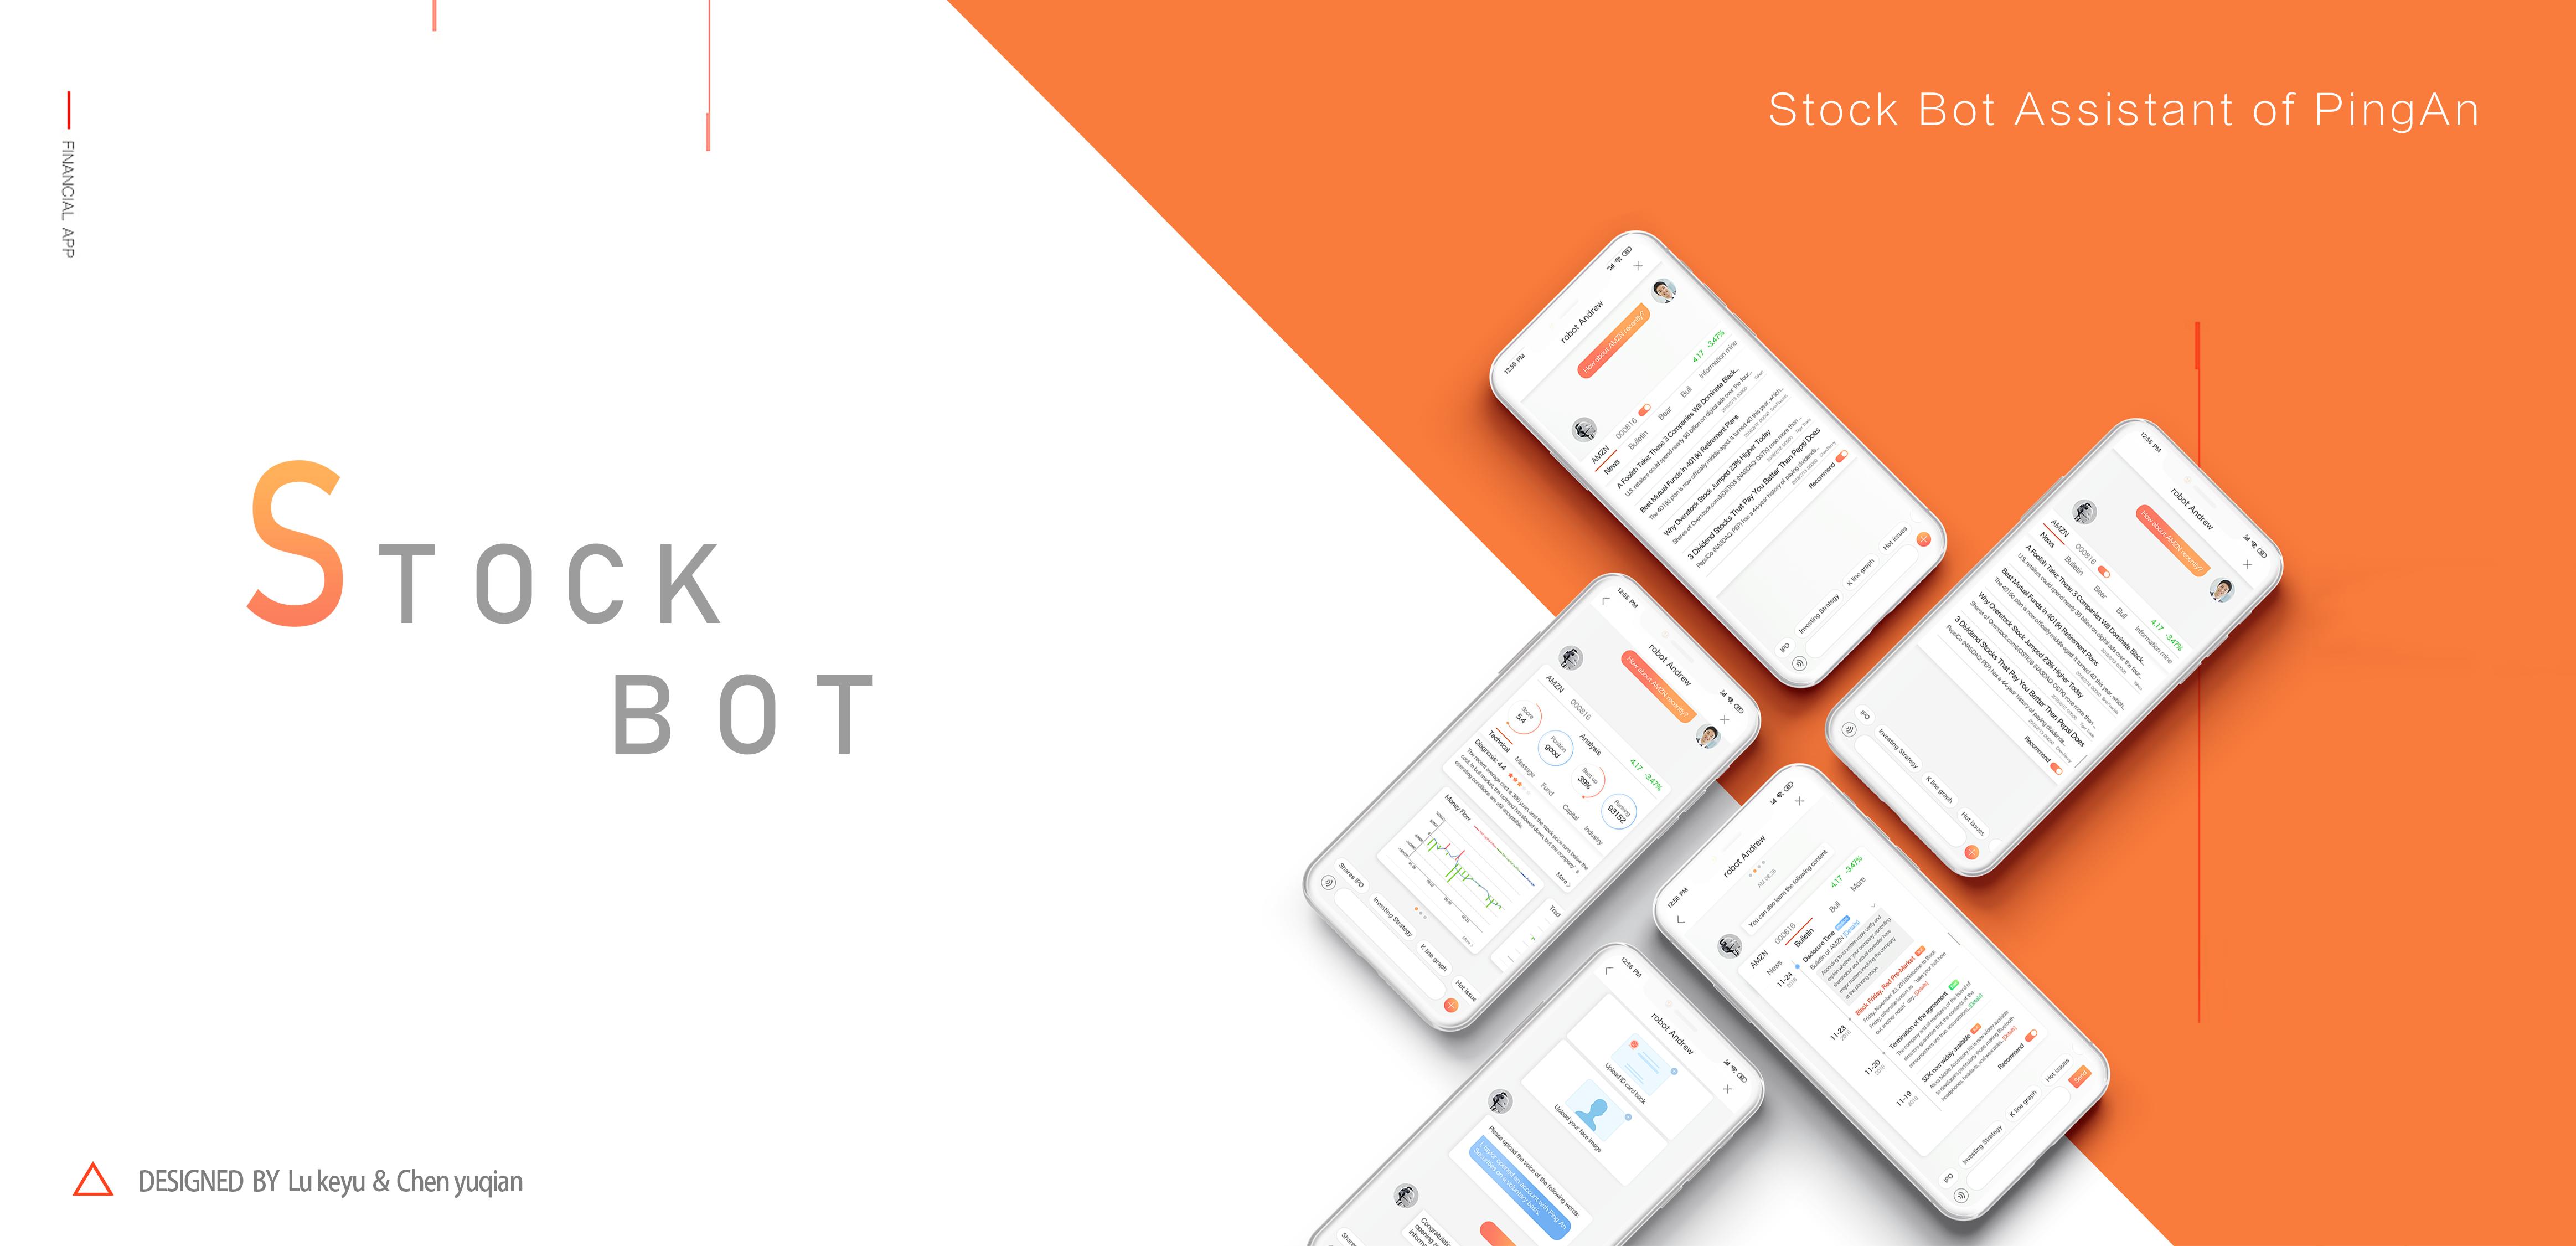 Stock Bot Assistant of PingAn